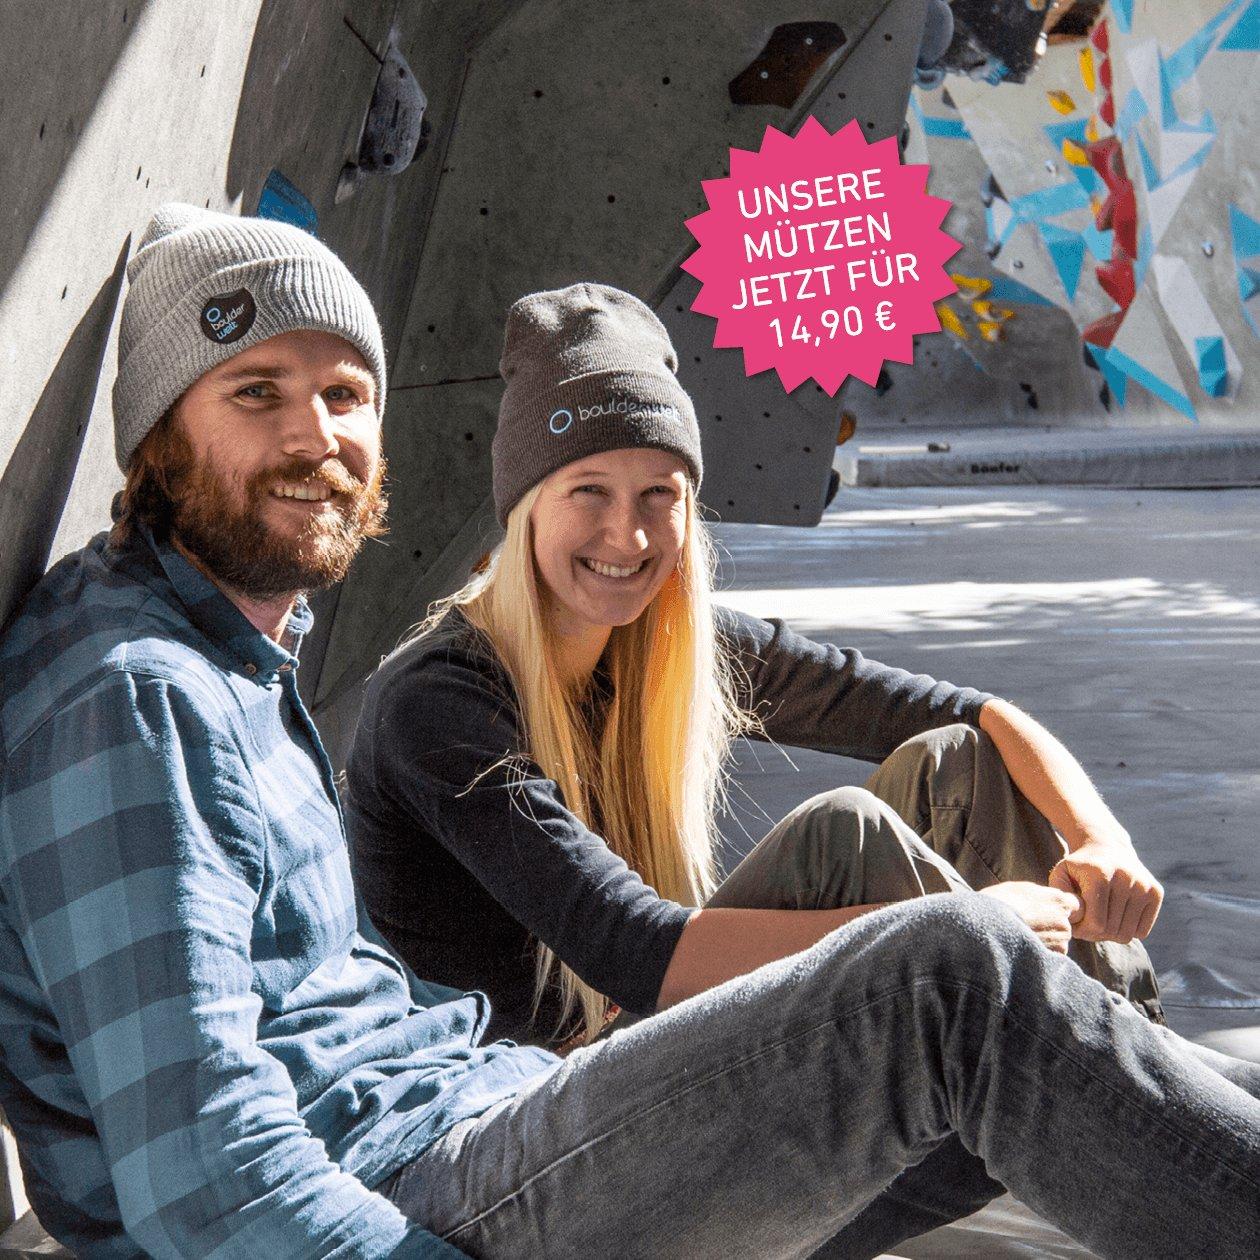 Boulderwelt Mützen für Jungs und Mädels - Preis 14,90 €